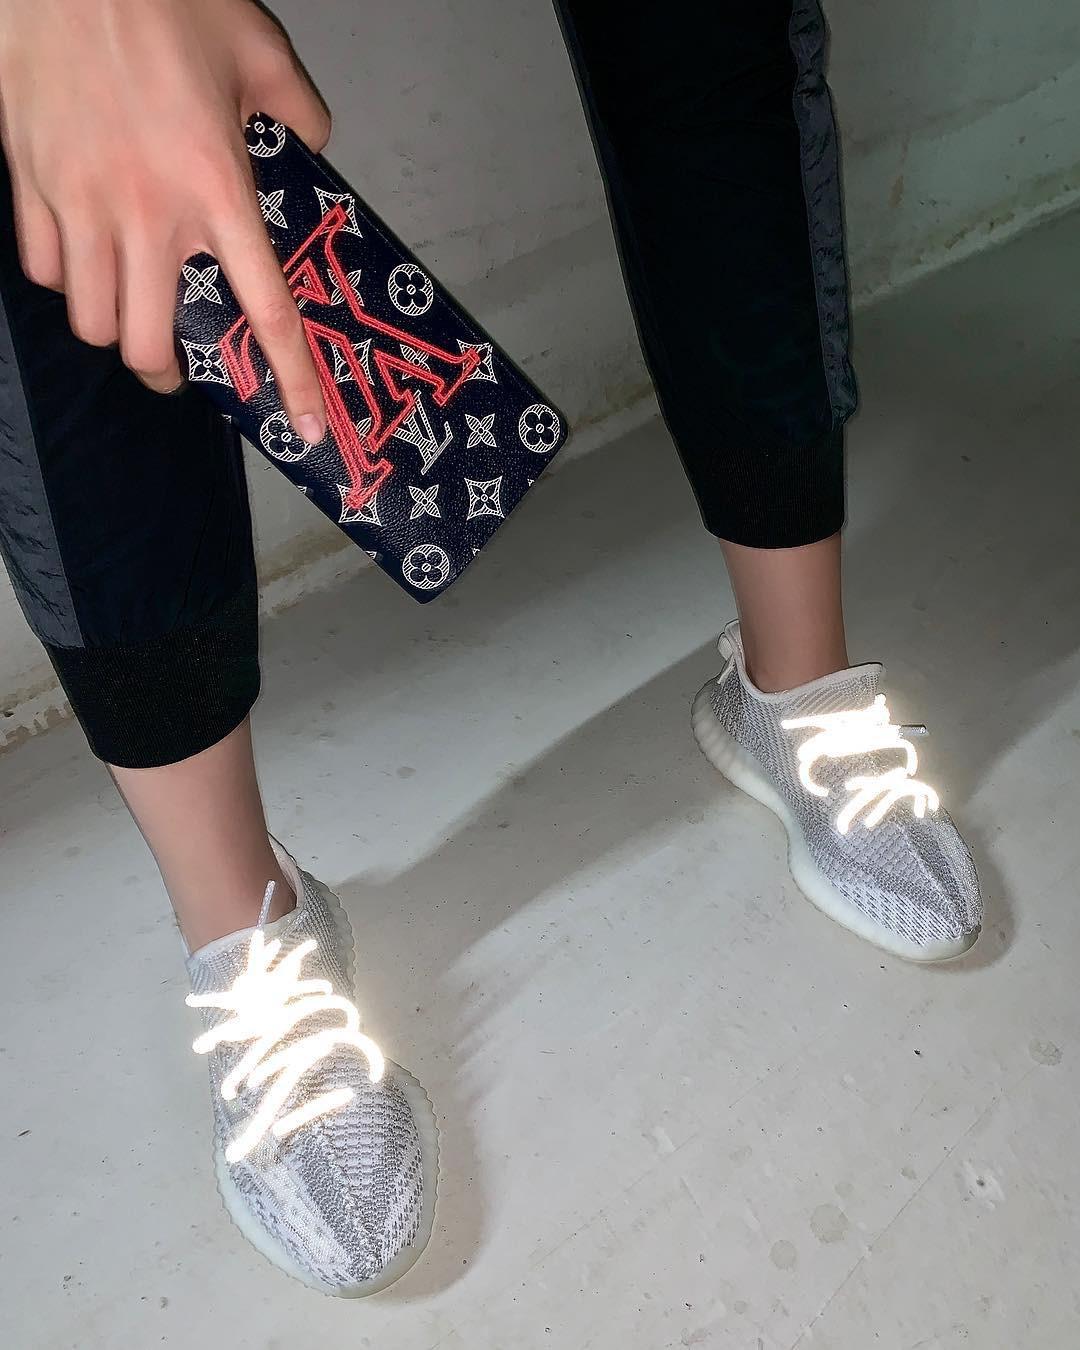 Đăng ảnh khoe giày là chính, nhưng fan lại chỉ chú ý vào điểm này trong ảnh của Kỳ Duyên-3